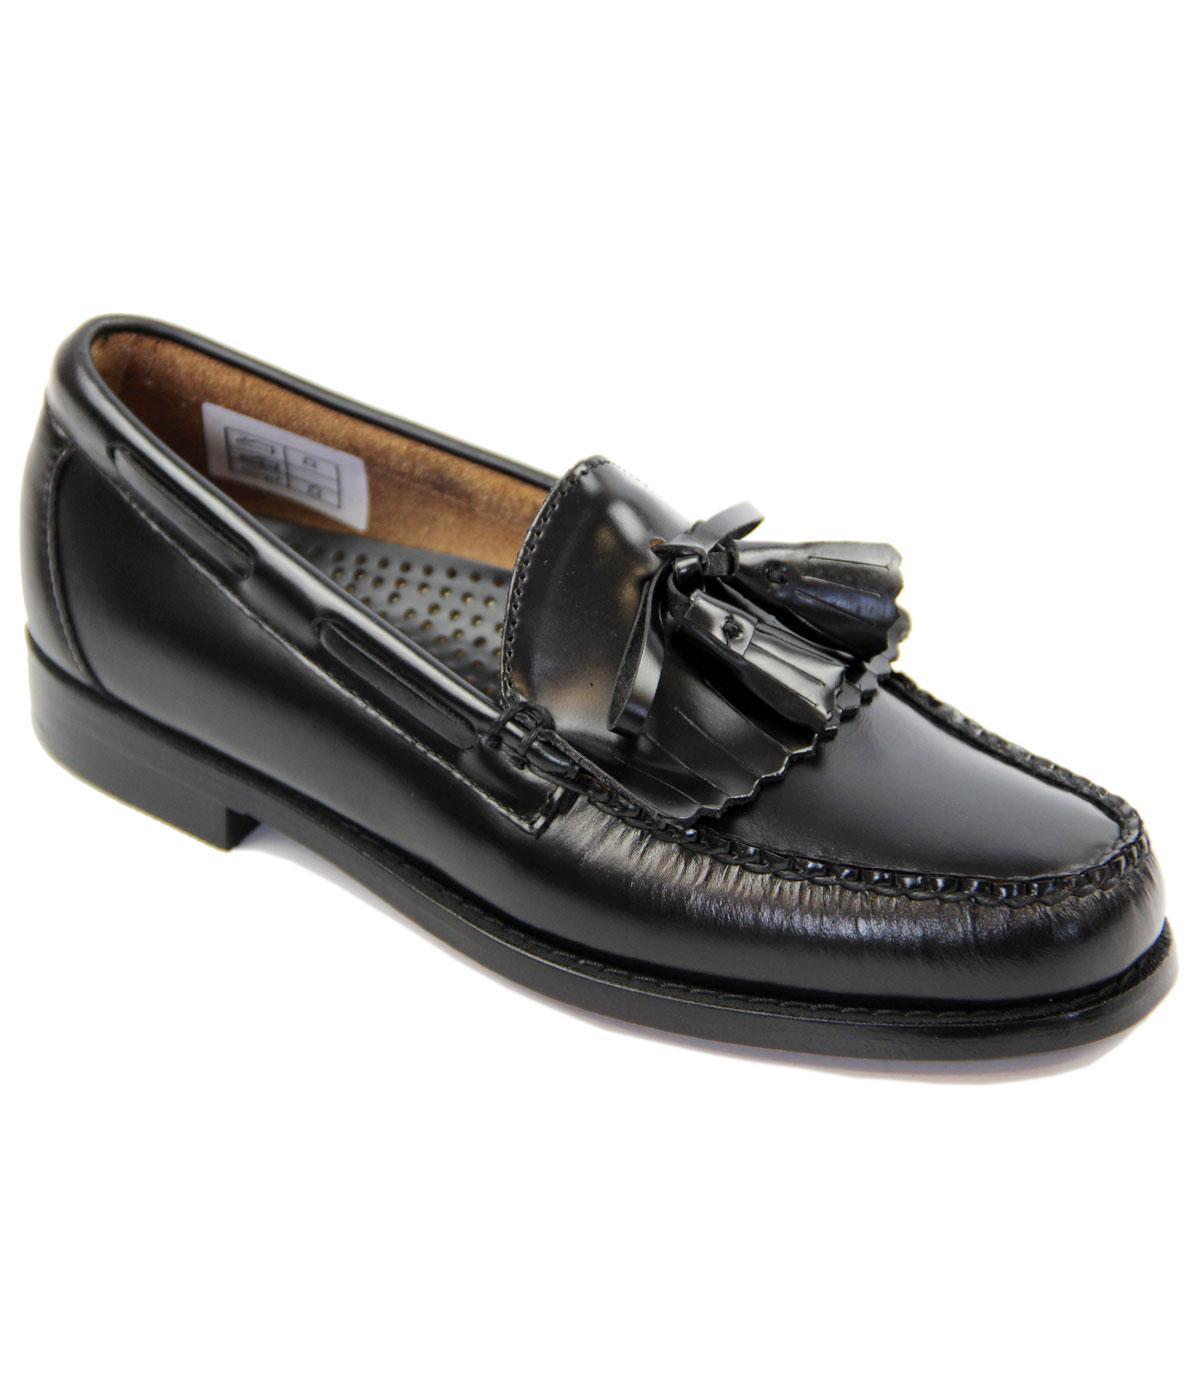 Layton BASS WEEJUNS Mod Tassel Fringe Loafer Shoes